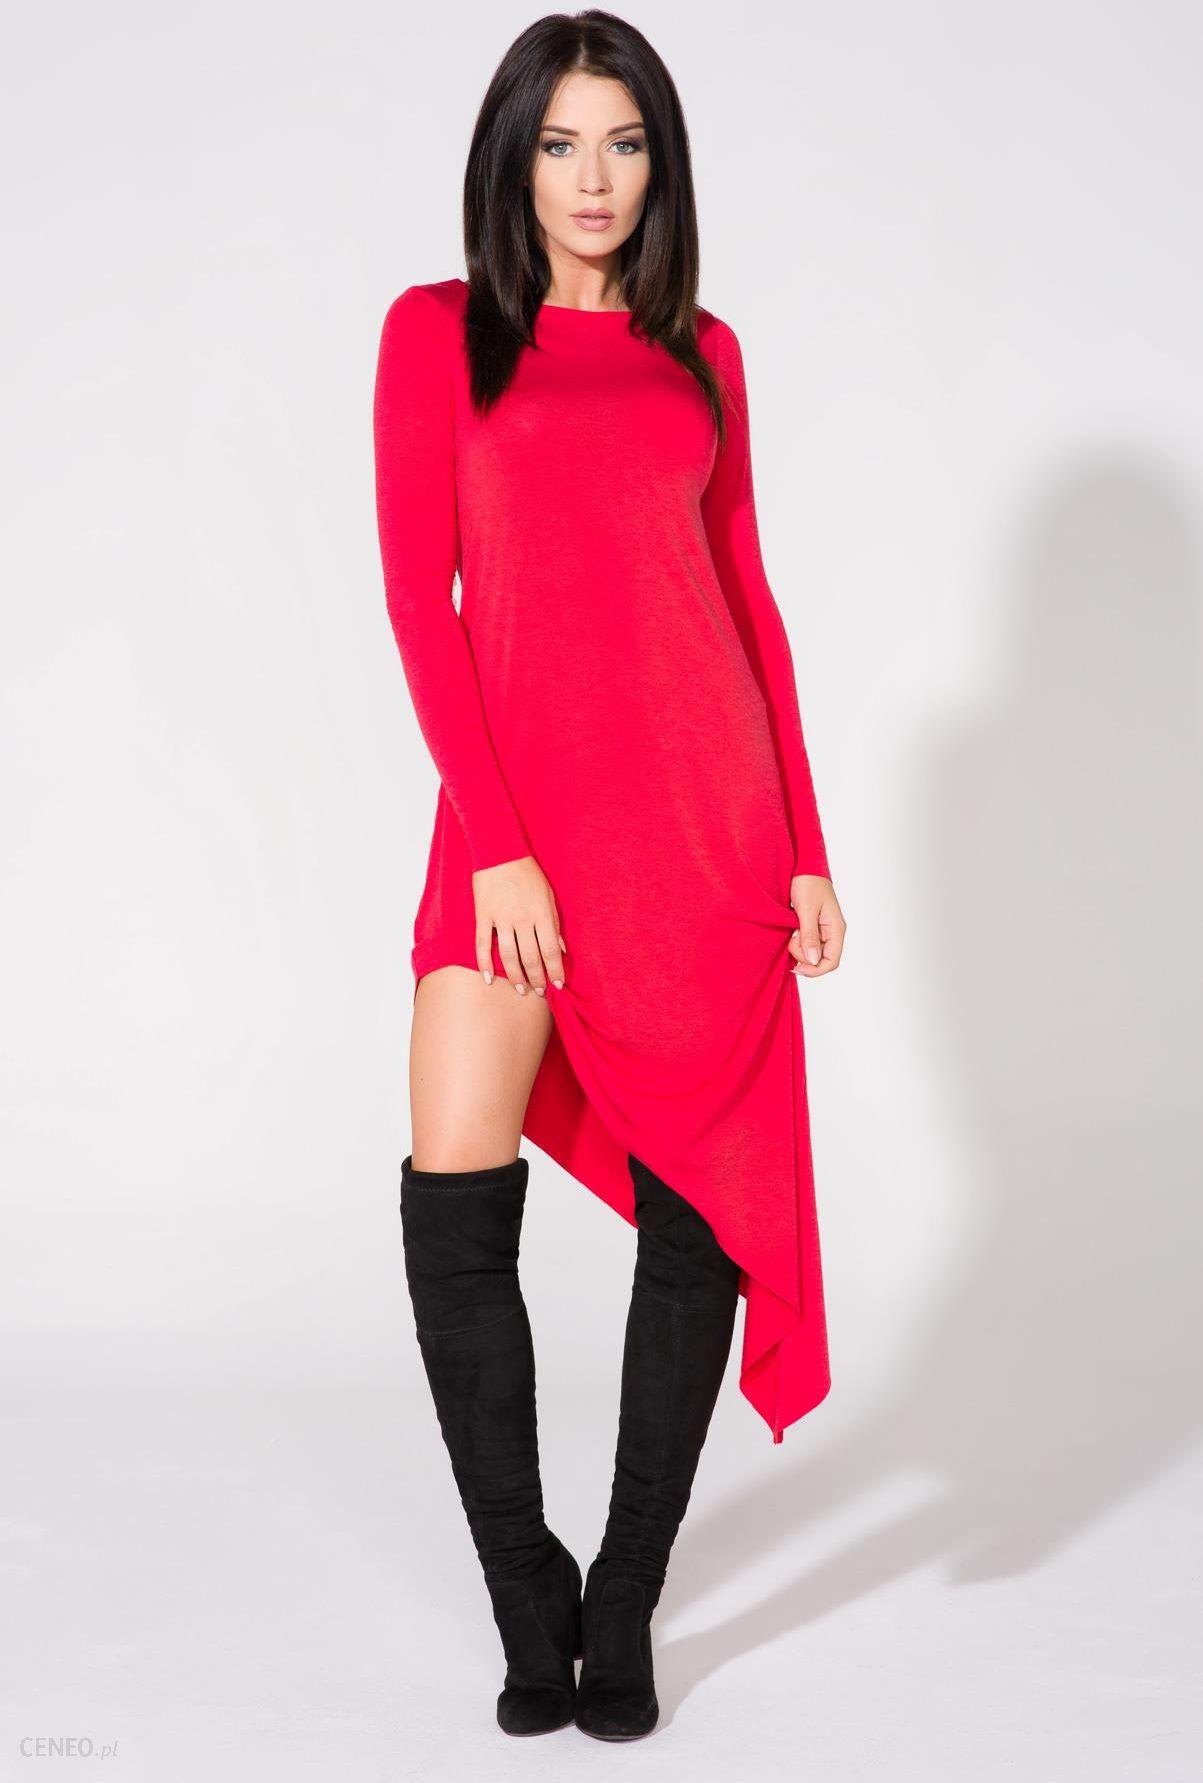 ebb95655ac Tessita Czerwona Sukienka Asymetryczna Dzianinowa z Długim Rękawem -  zdjęcie 1